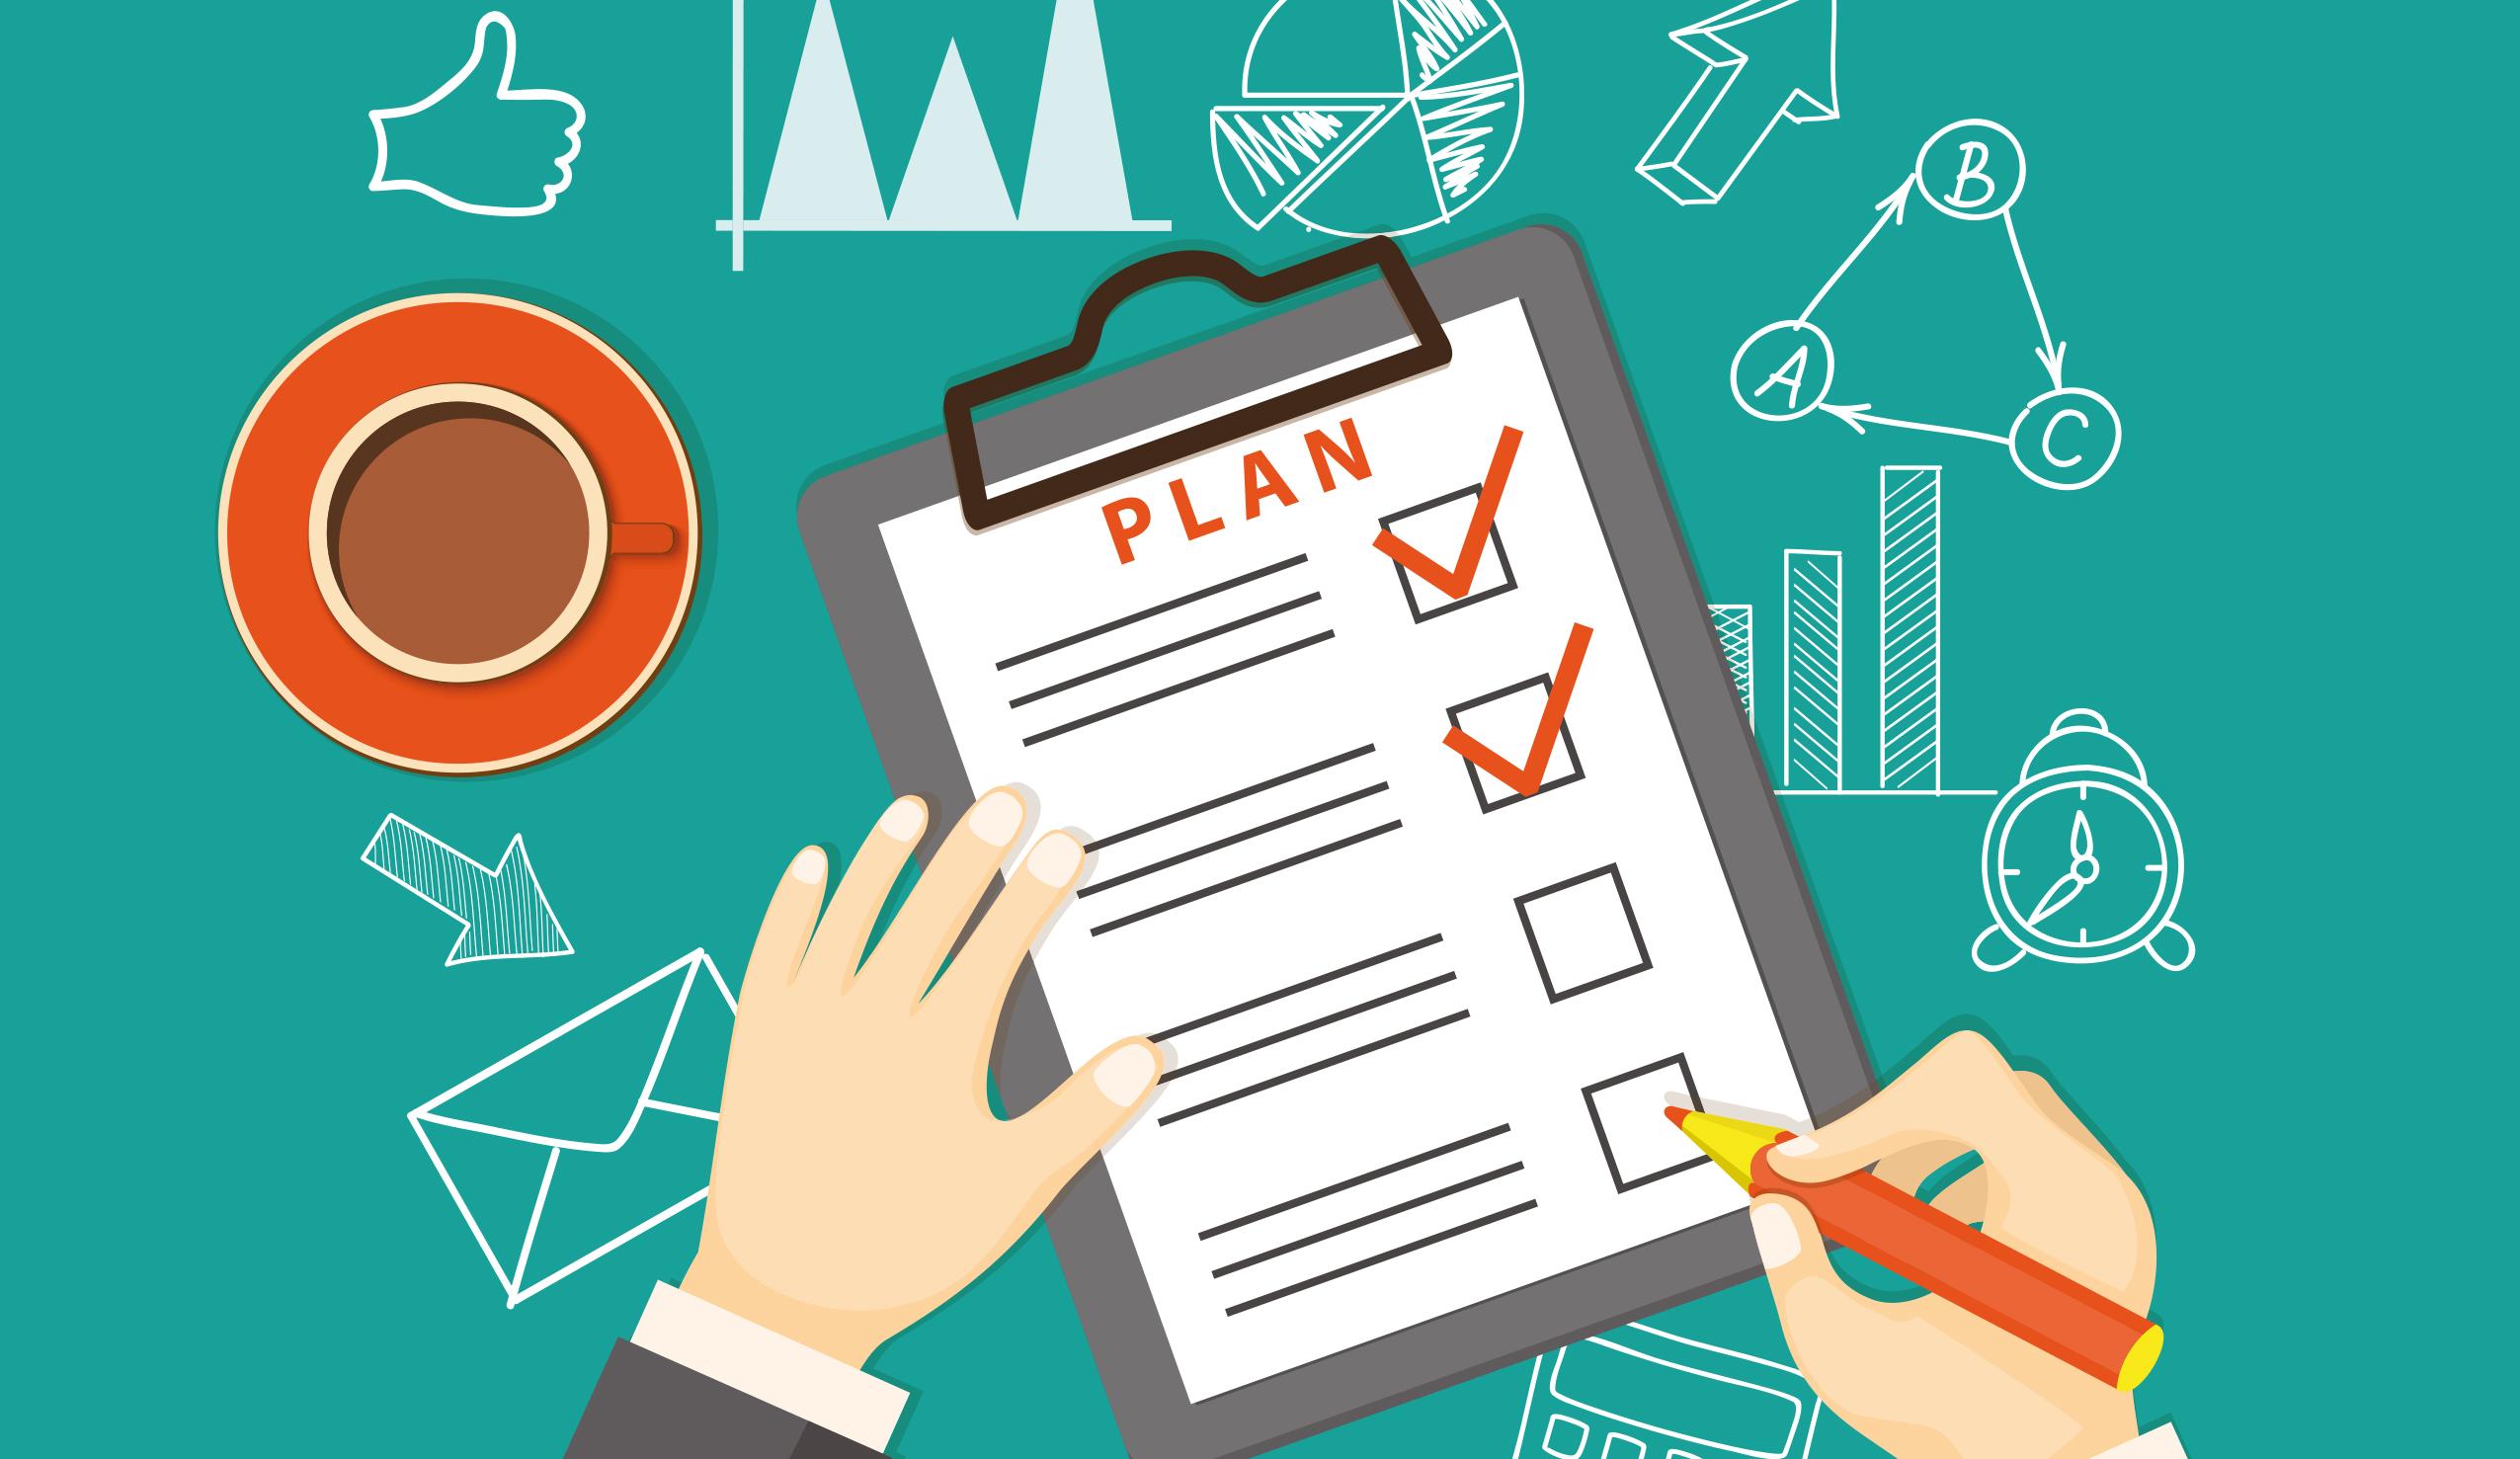 Hai un blog? Hai assolutamente bisogno di fare un piano editoriale